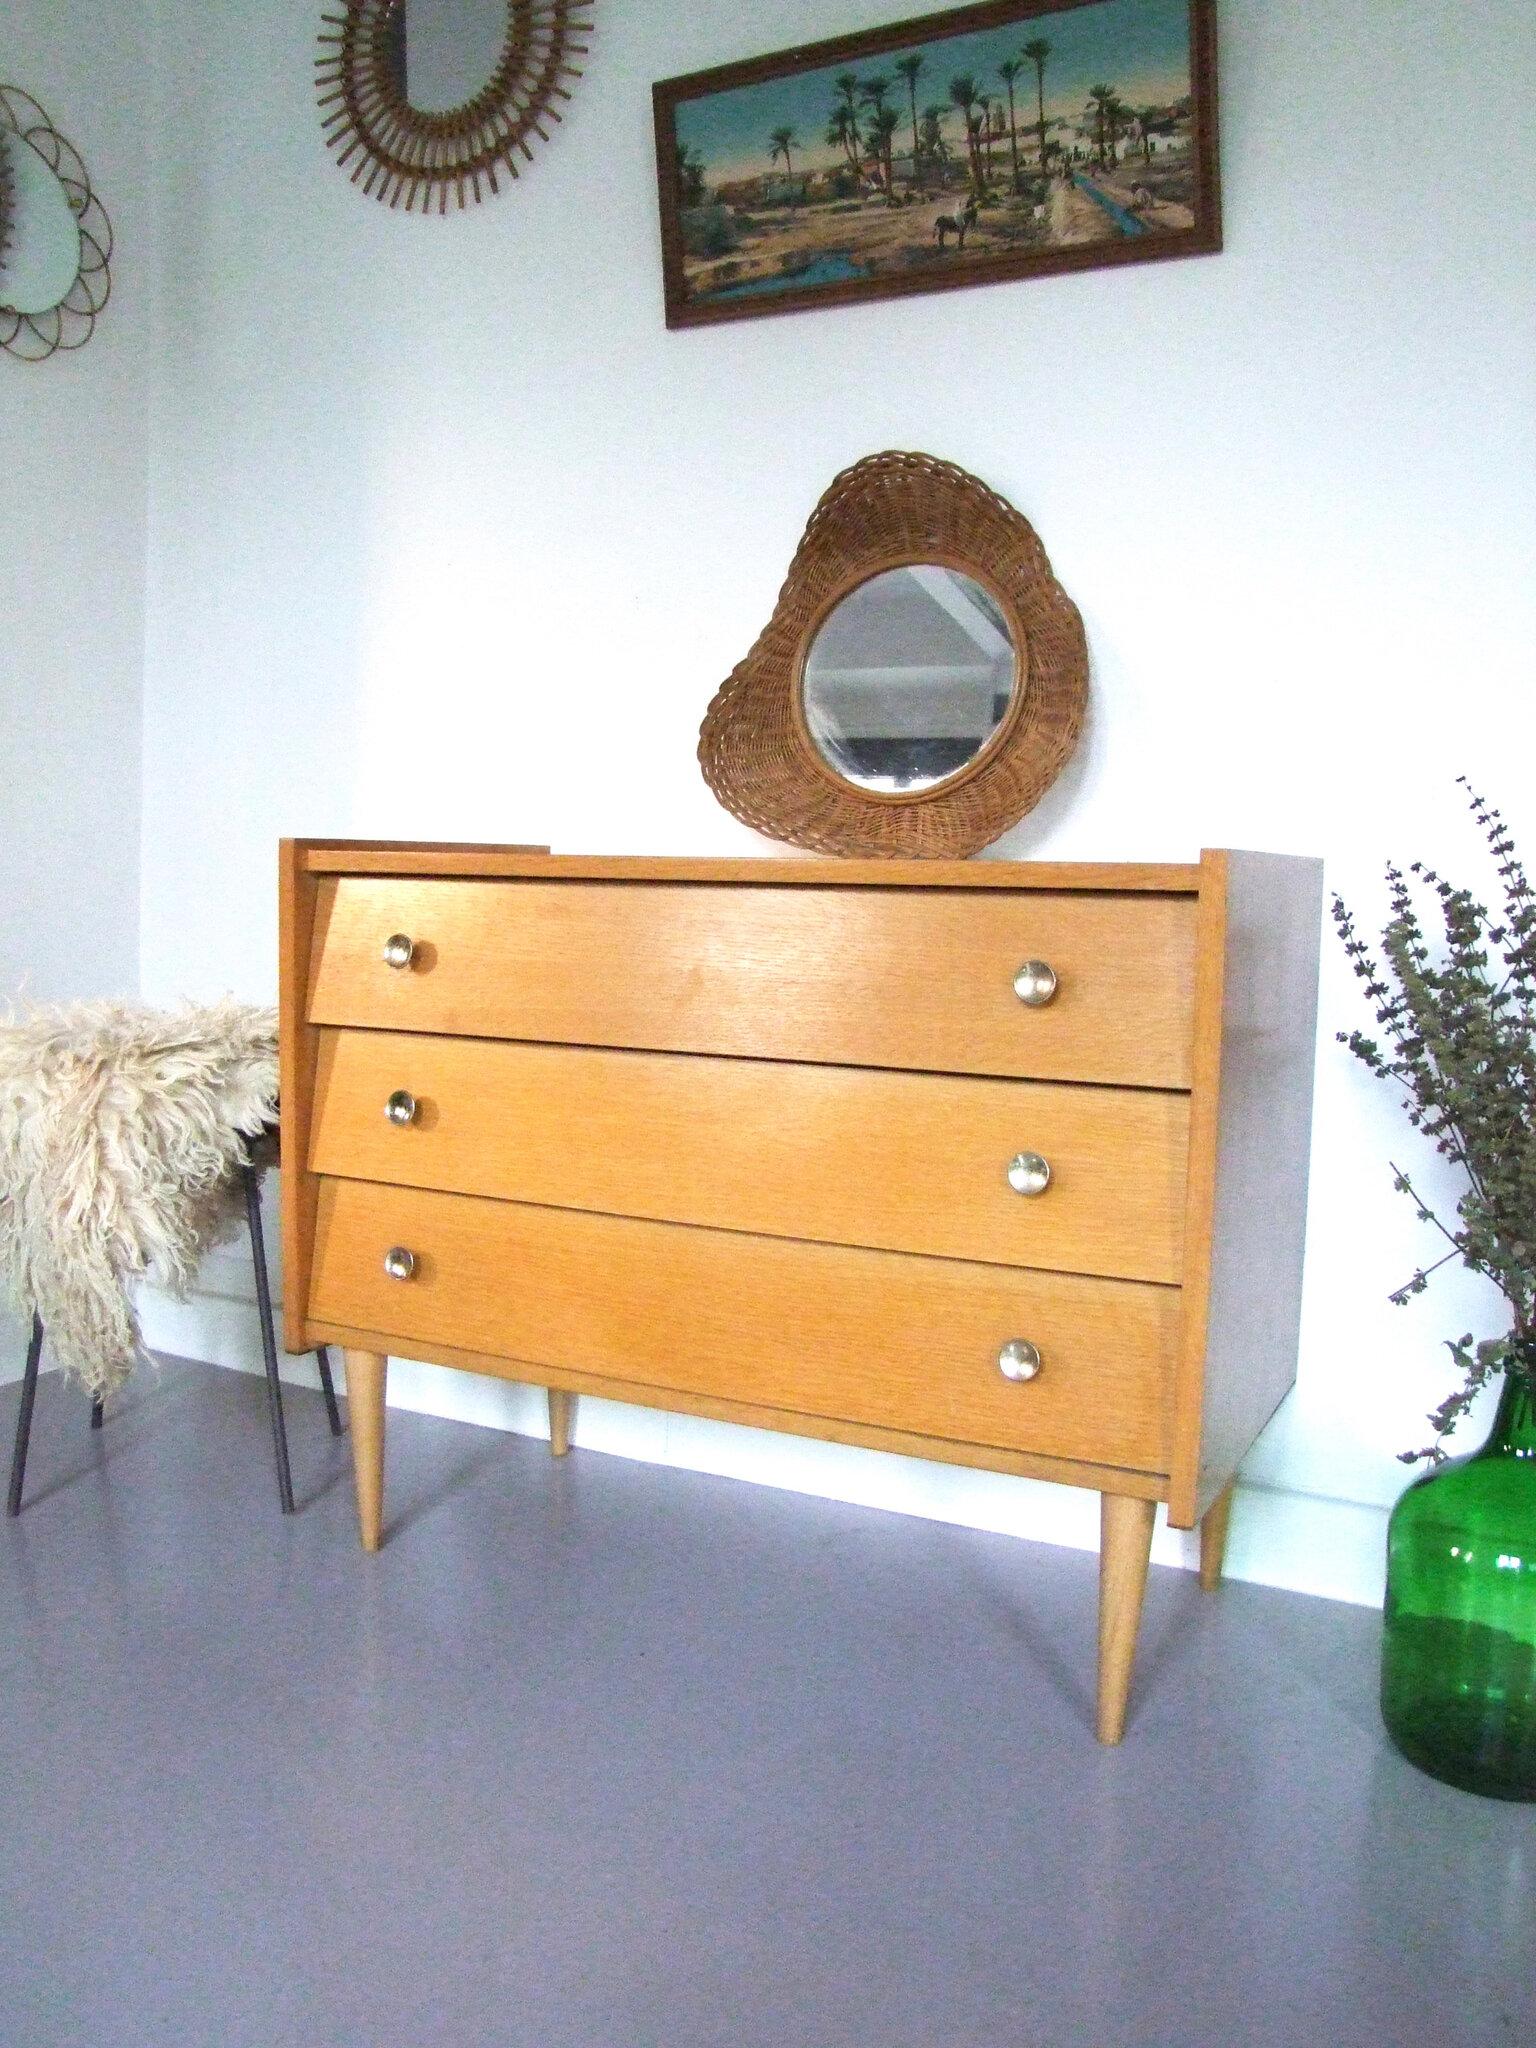 meubles d 39 occasion tous les messages sur meubles d 39 occasion meubles vintage pataluna chin s. Black Bedroom Furniture Sets. Home Design Ideas